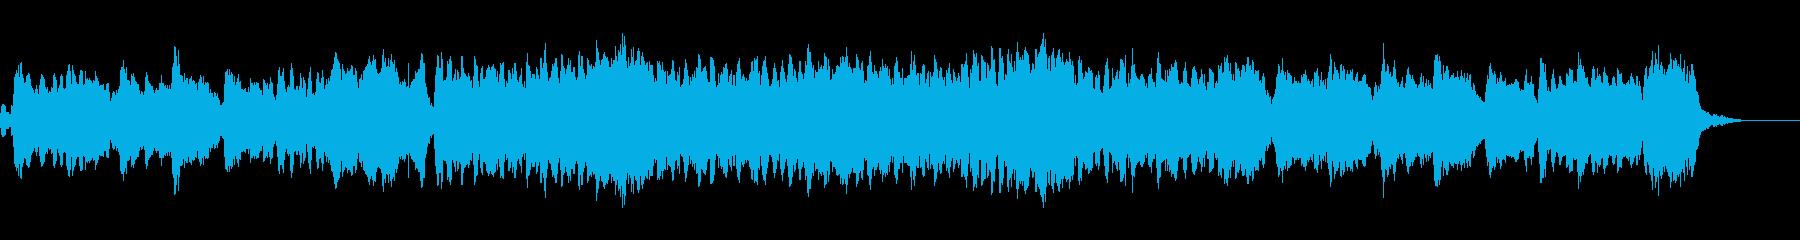 ハリウッド「短くて壮大」オーケストラbの再生済みの波形